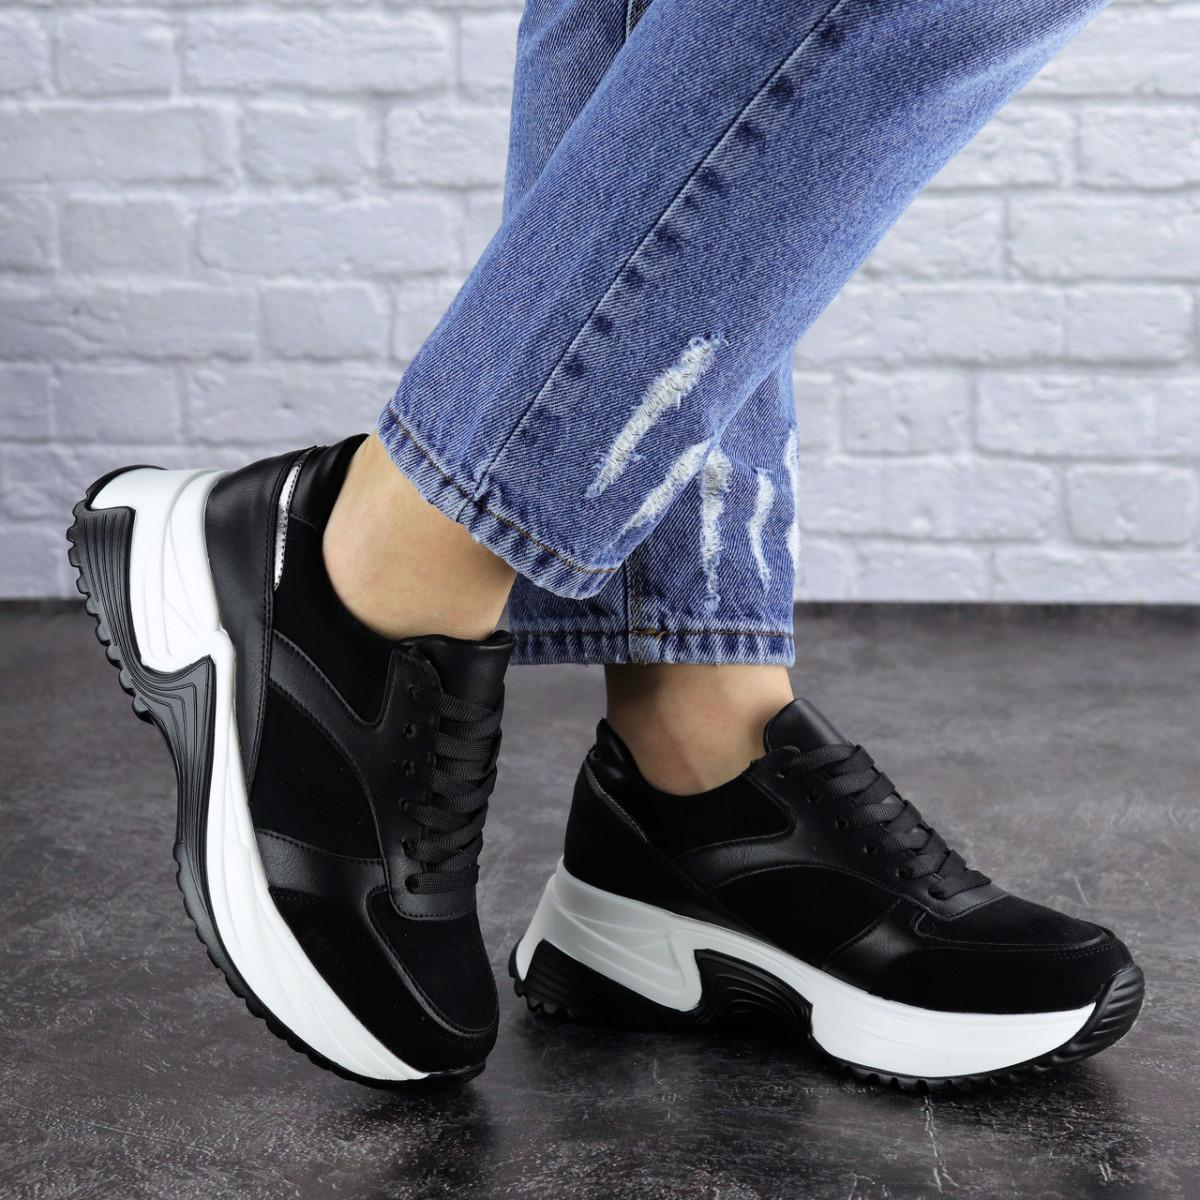 Женские кроссовки Fashion Zachary 1378 36 размер 23 см Черный